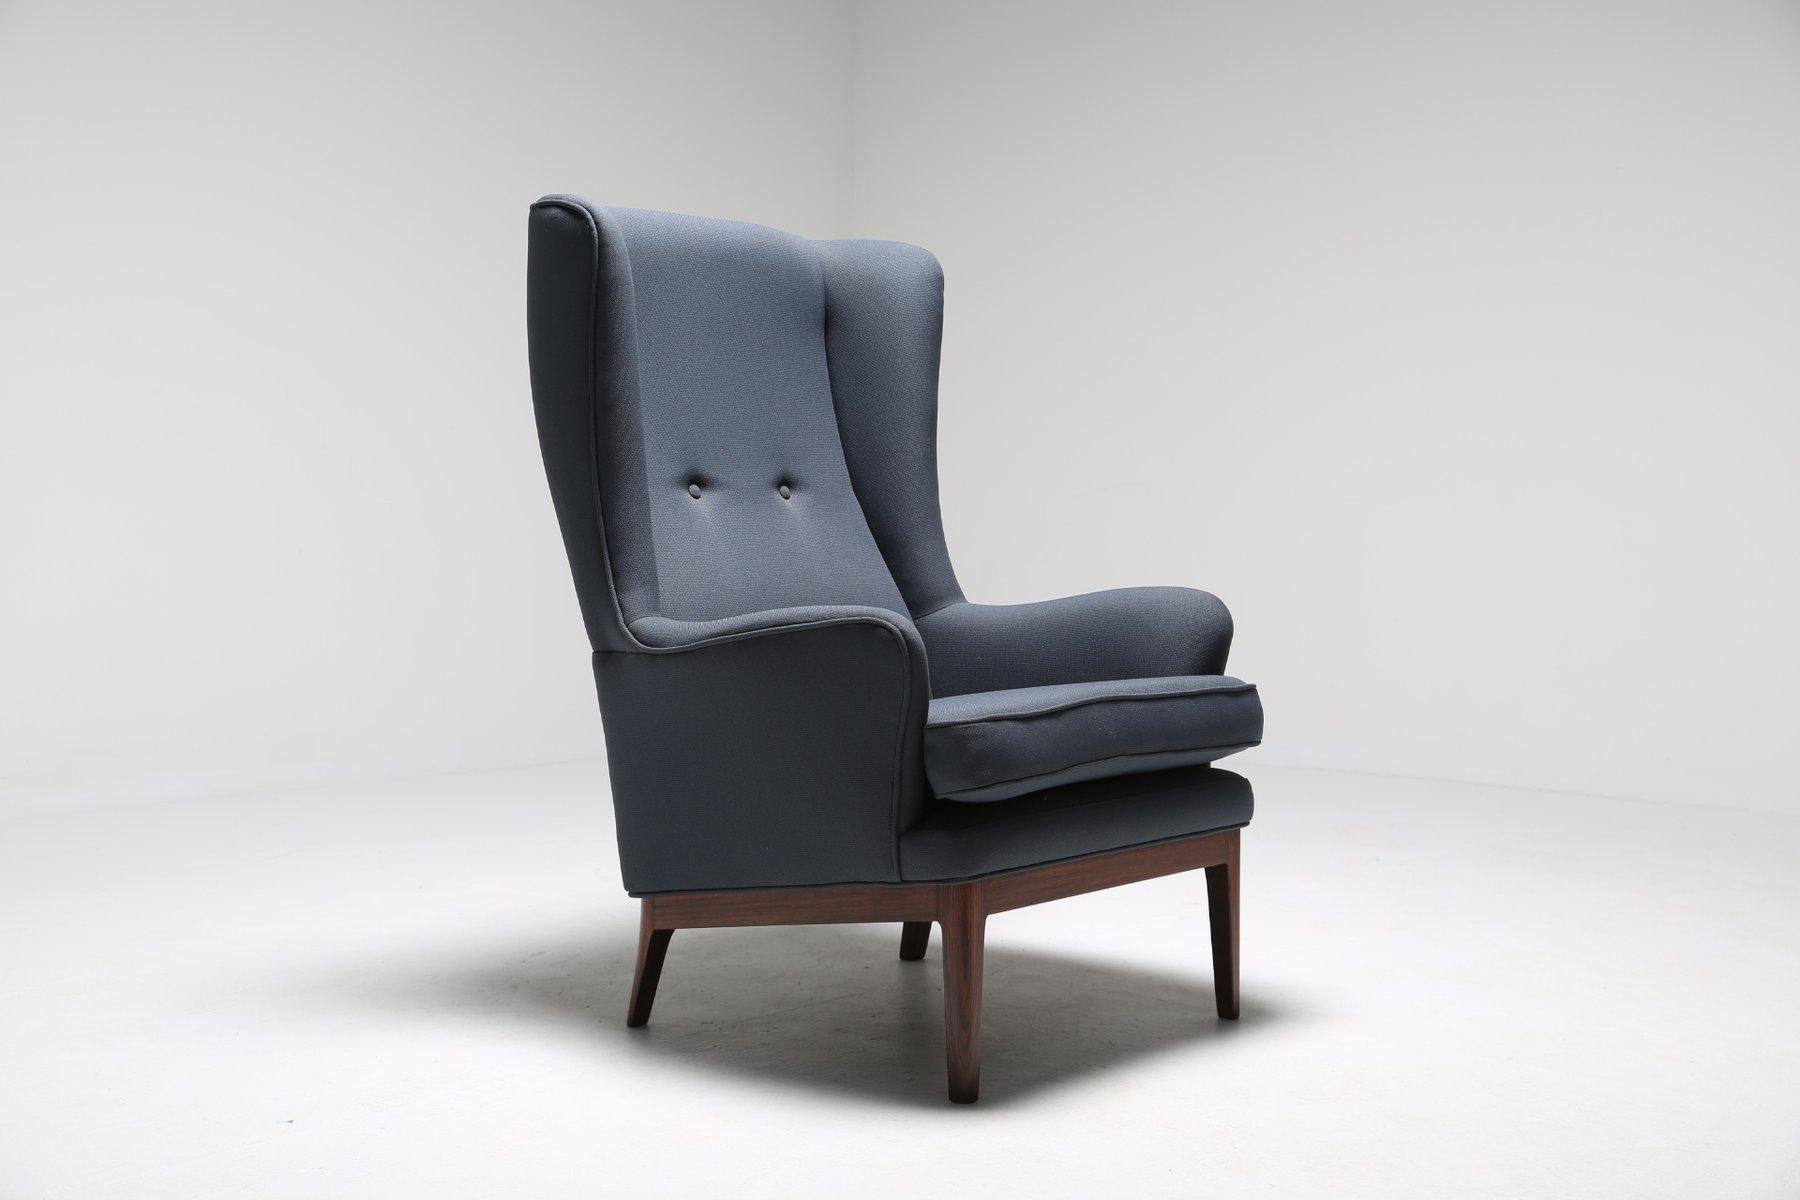 Fauteuil à Oreilles MidCentury Moderne De Arne Norell En Vente Sur - Formation decorateur interieur avec fauteuil a oreille design